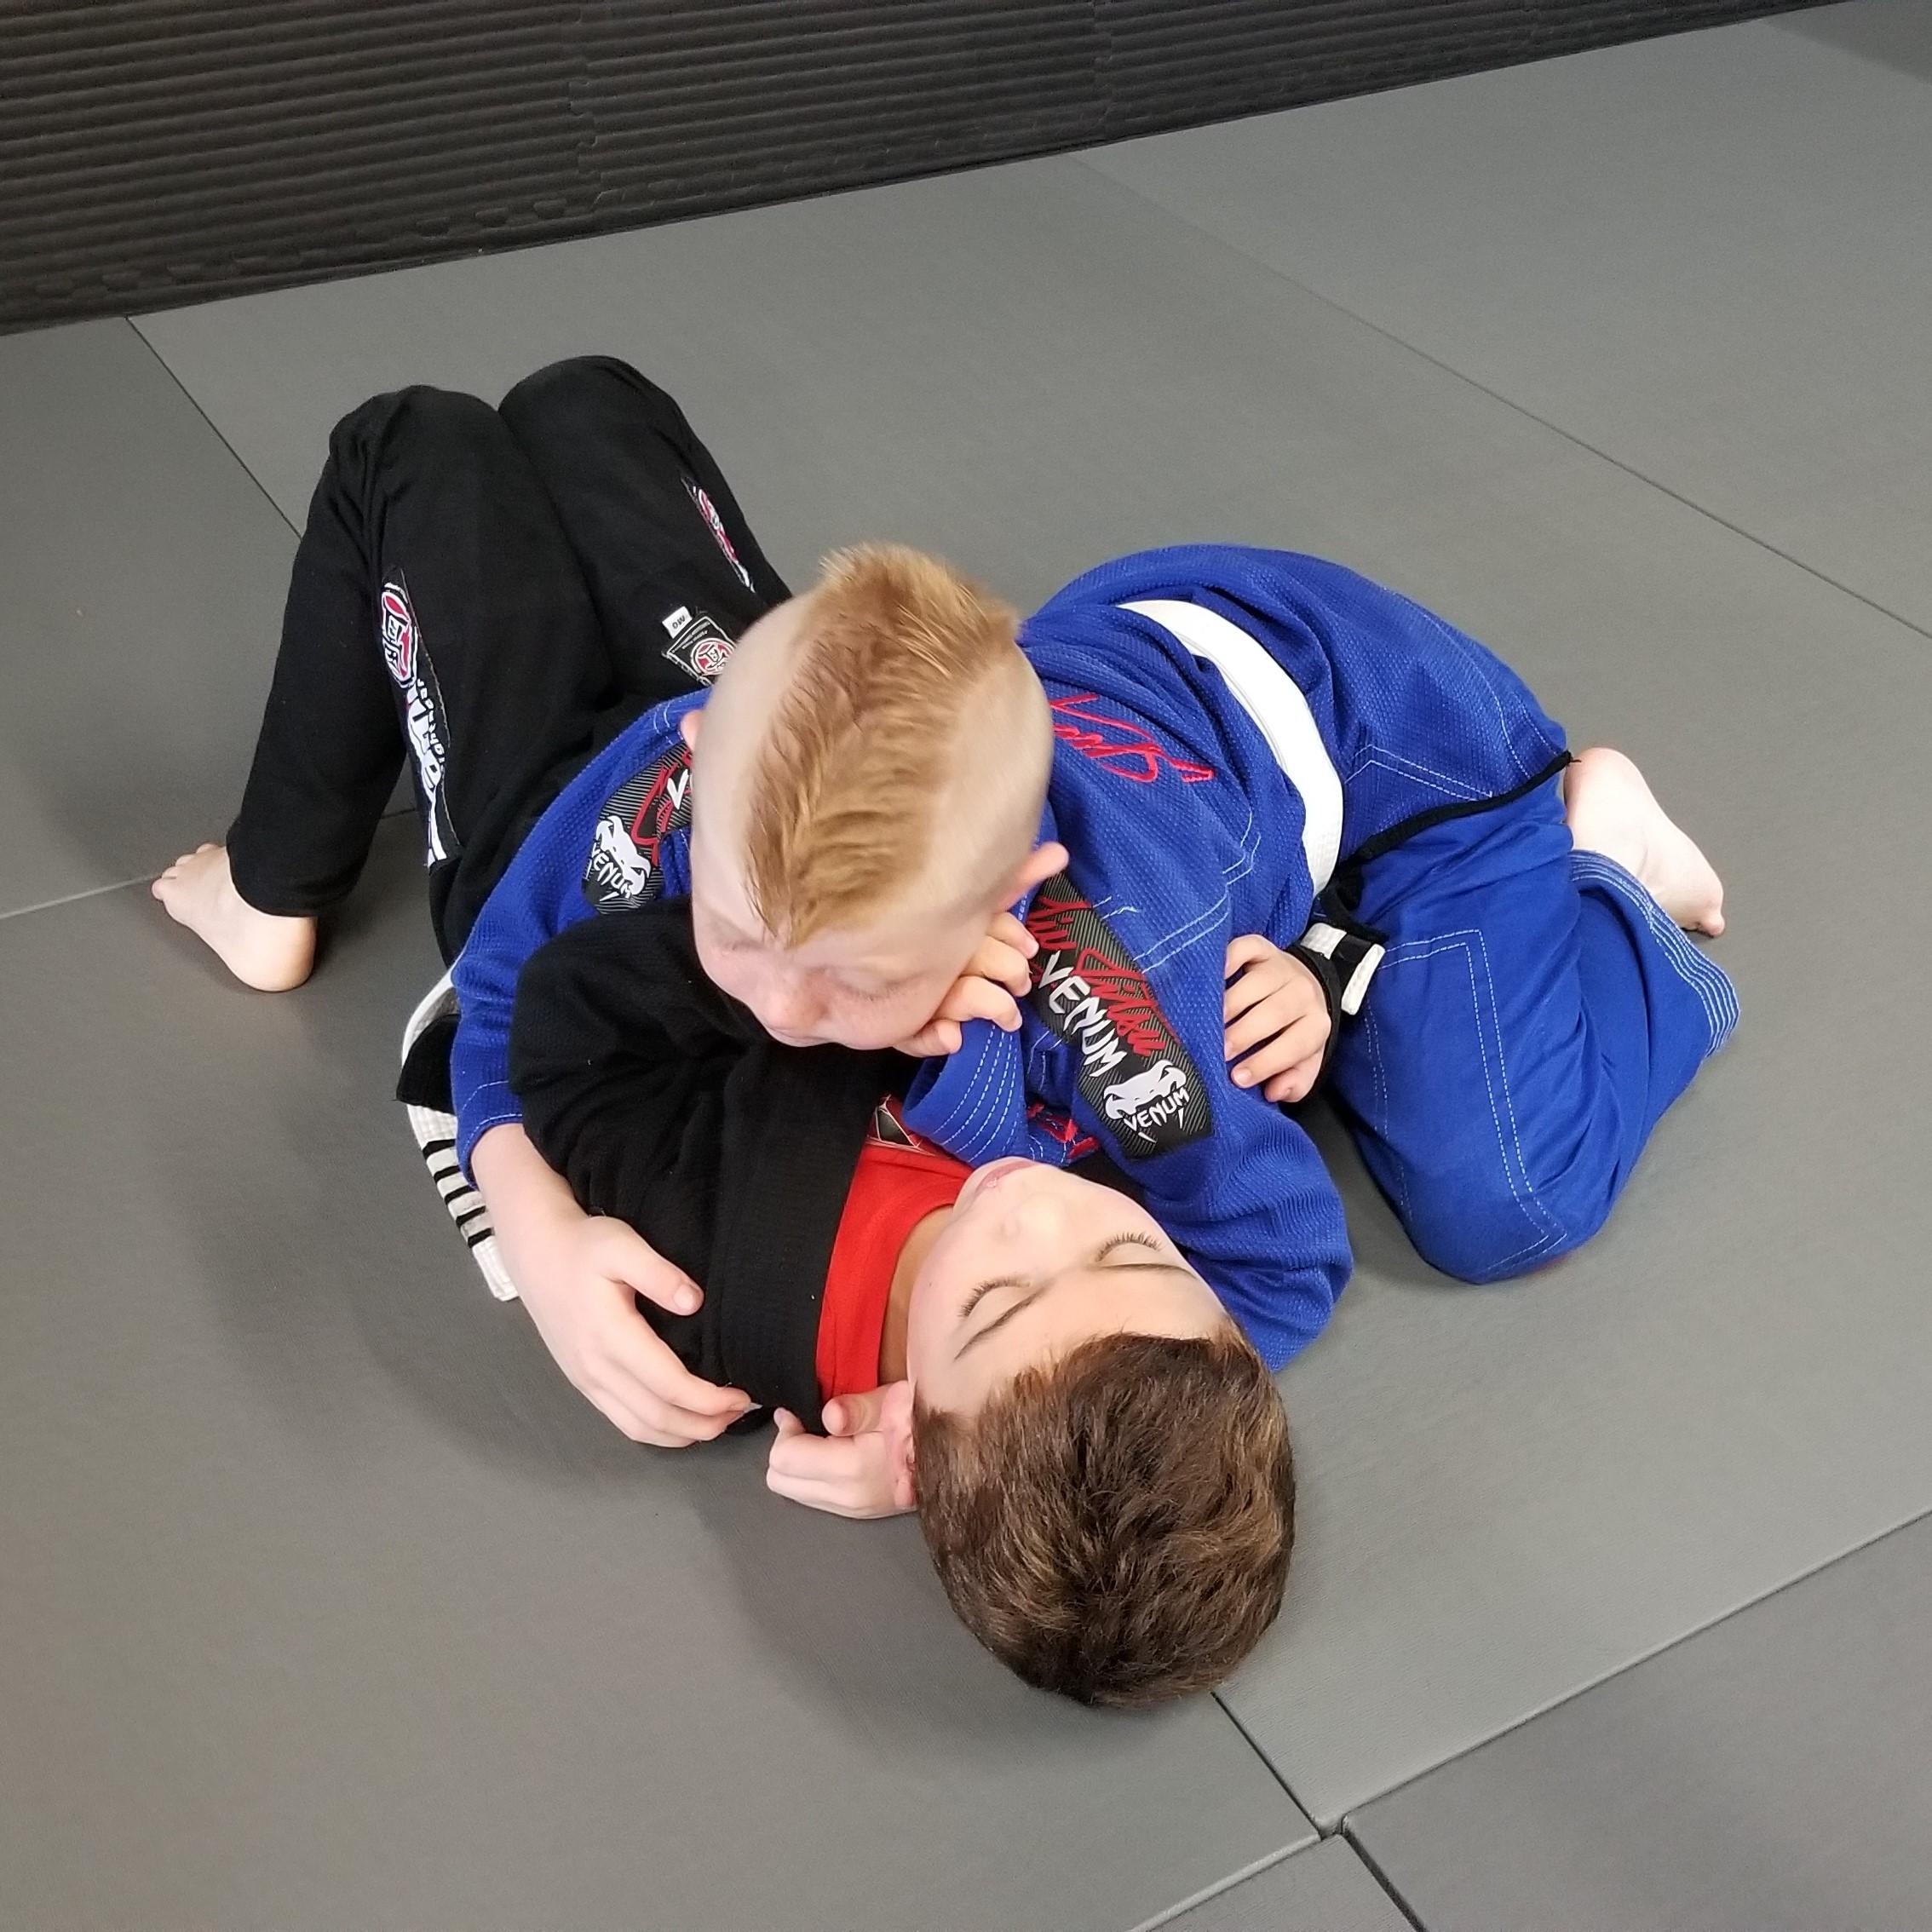 Dominion Kids Martial Arts Brazilian Jiu-Jitsu Class